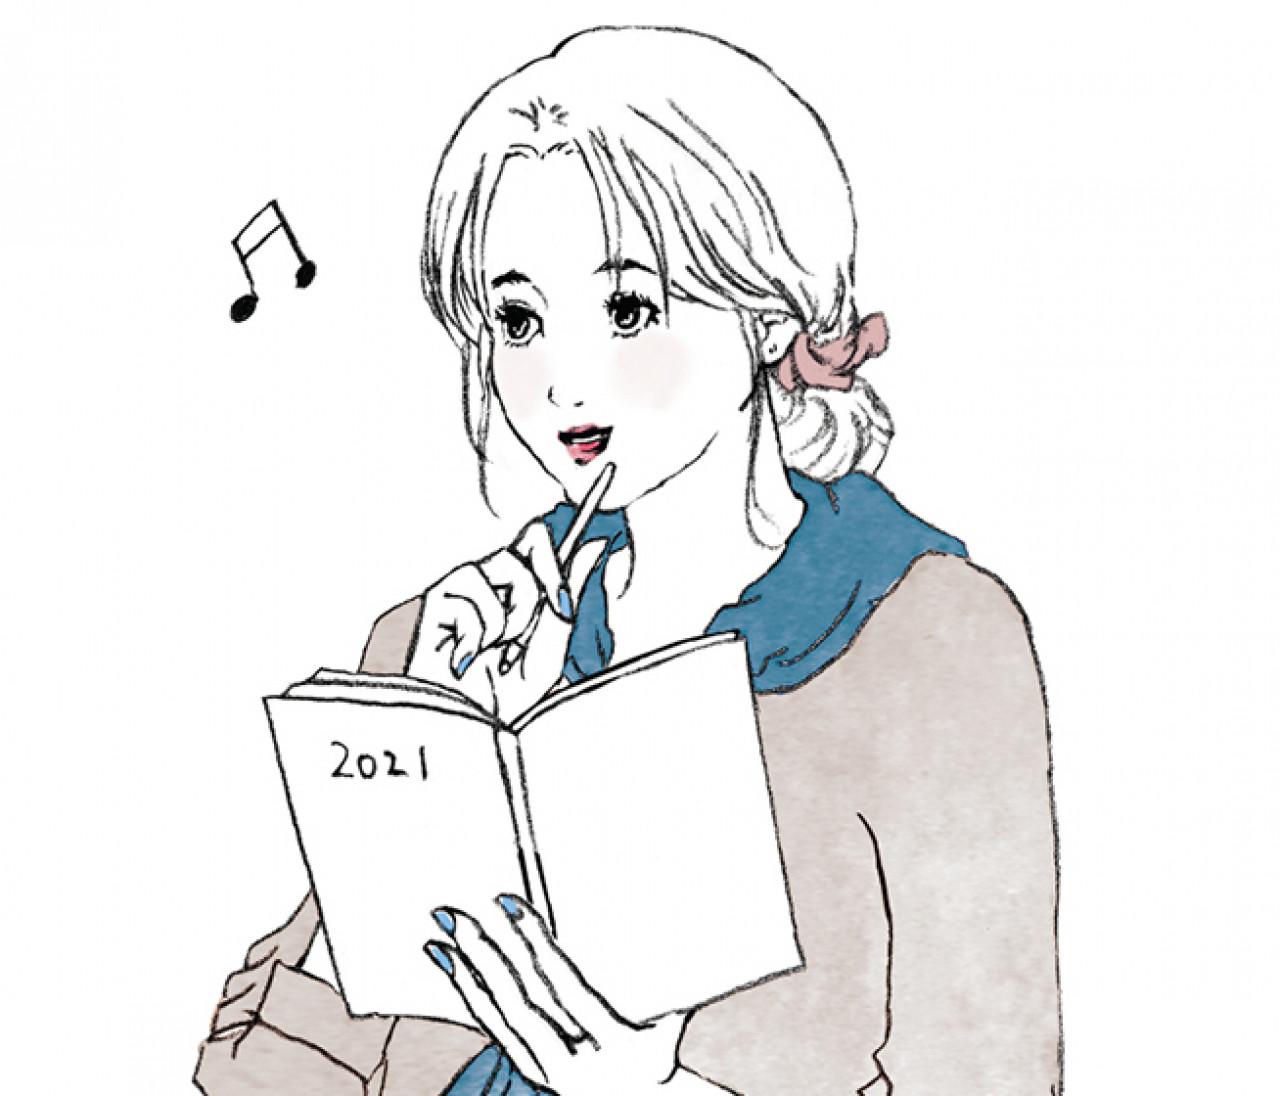 【2021年開運のヒント2】超人気占い師・水晶玉子さん&ムーン・リーさんに聞く!金運や仕事運を上げるアイテムや行動って?